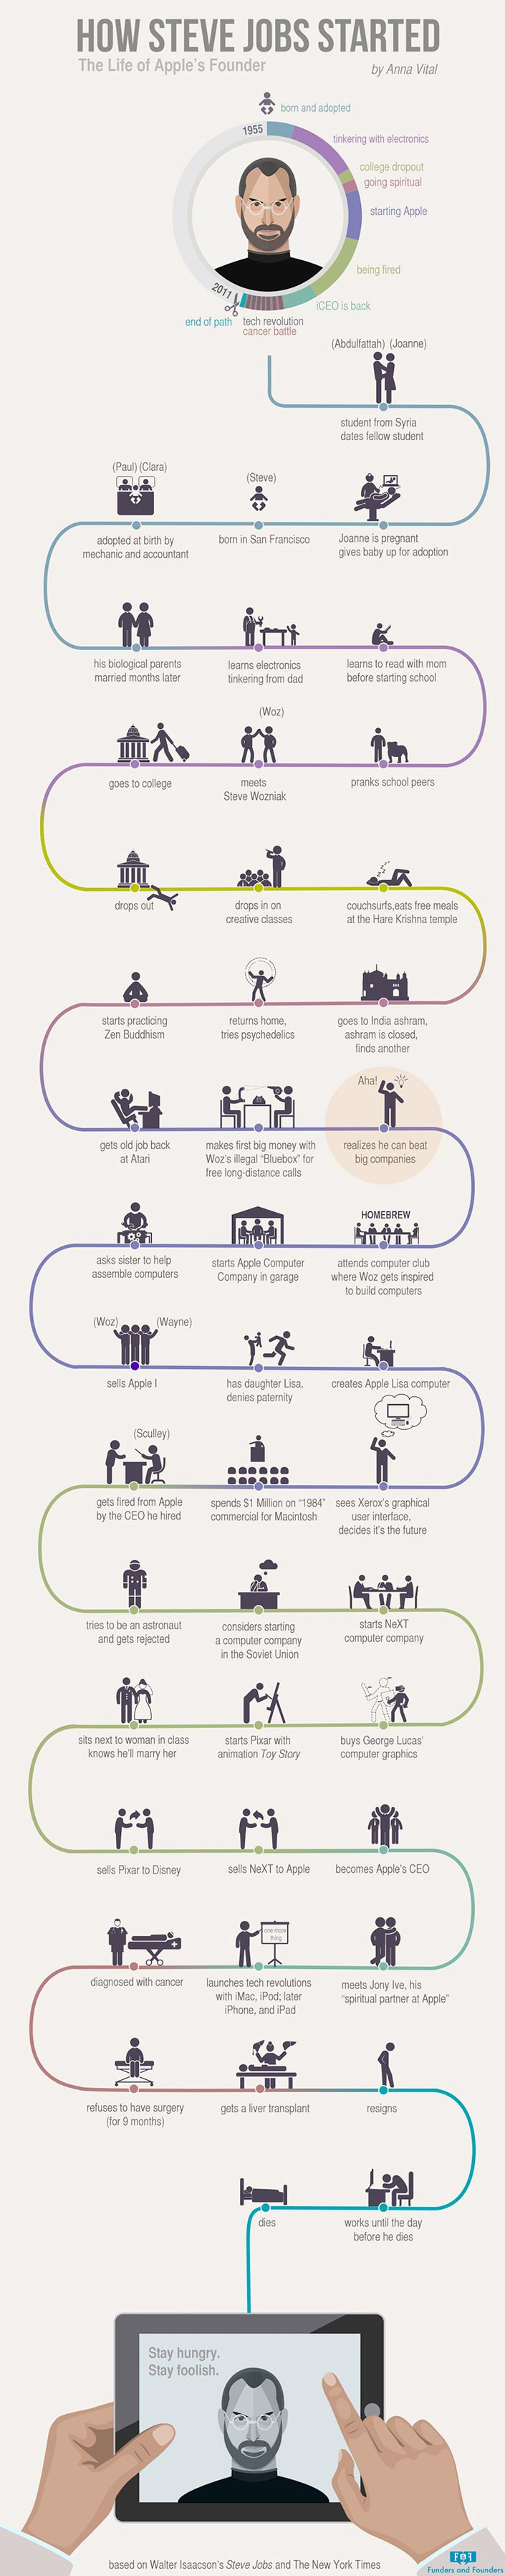 Un'infografica sulla vita del co-fondatore di Apple, Steve Jobs